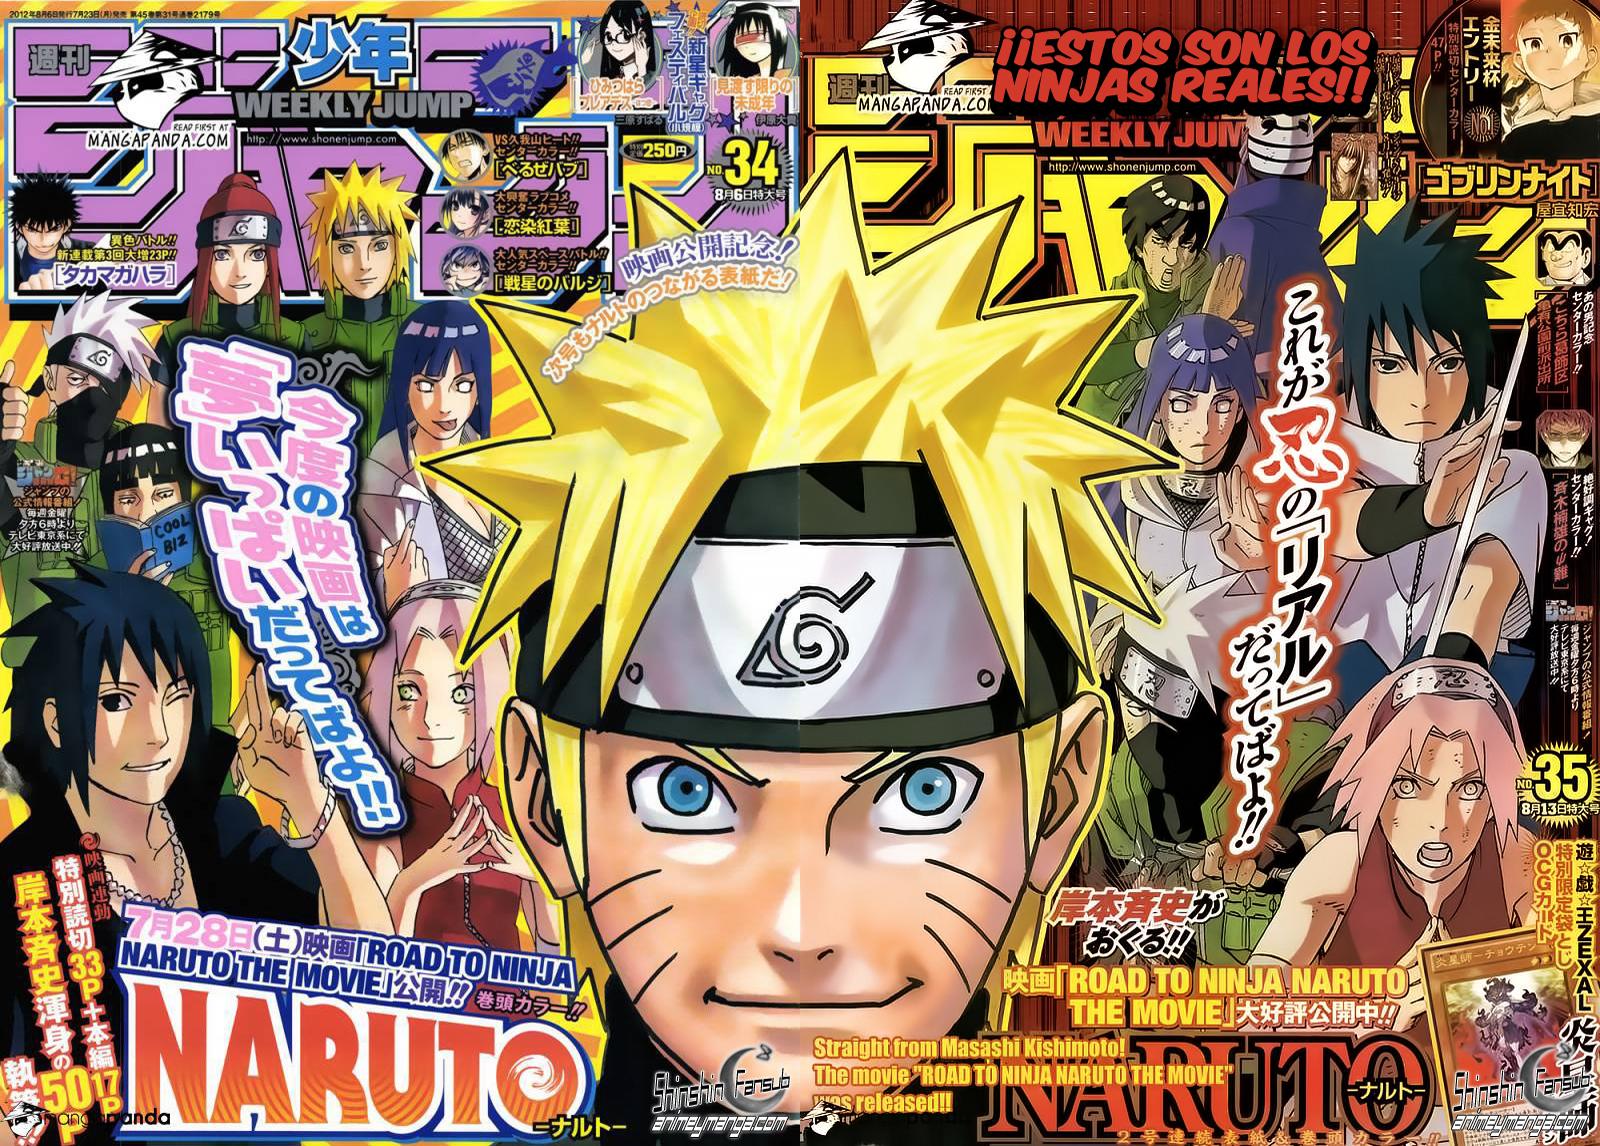 ... NARUTO, Uchiha Sasuke, Uzumaki Kushina, Uzumaki Naruto, Haruno Sakura